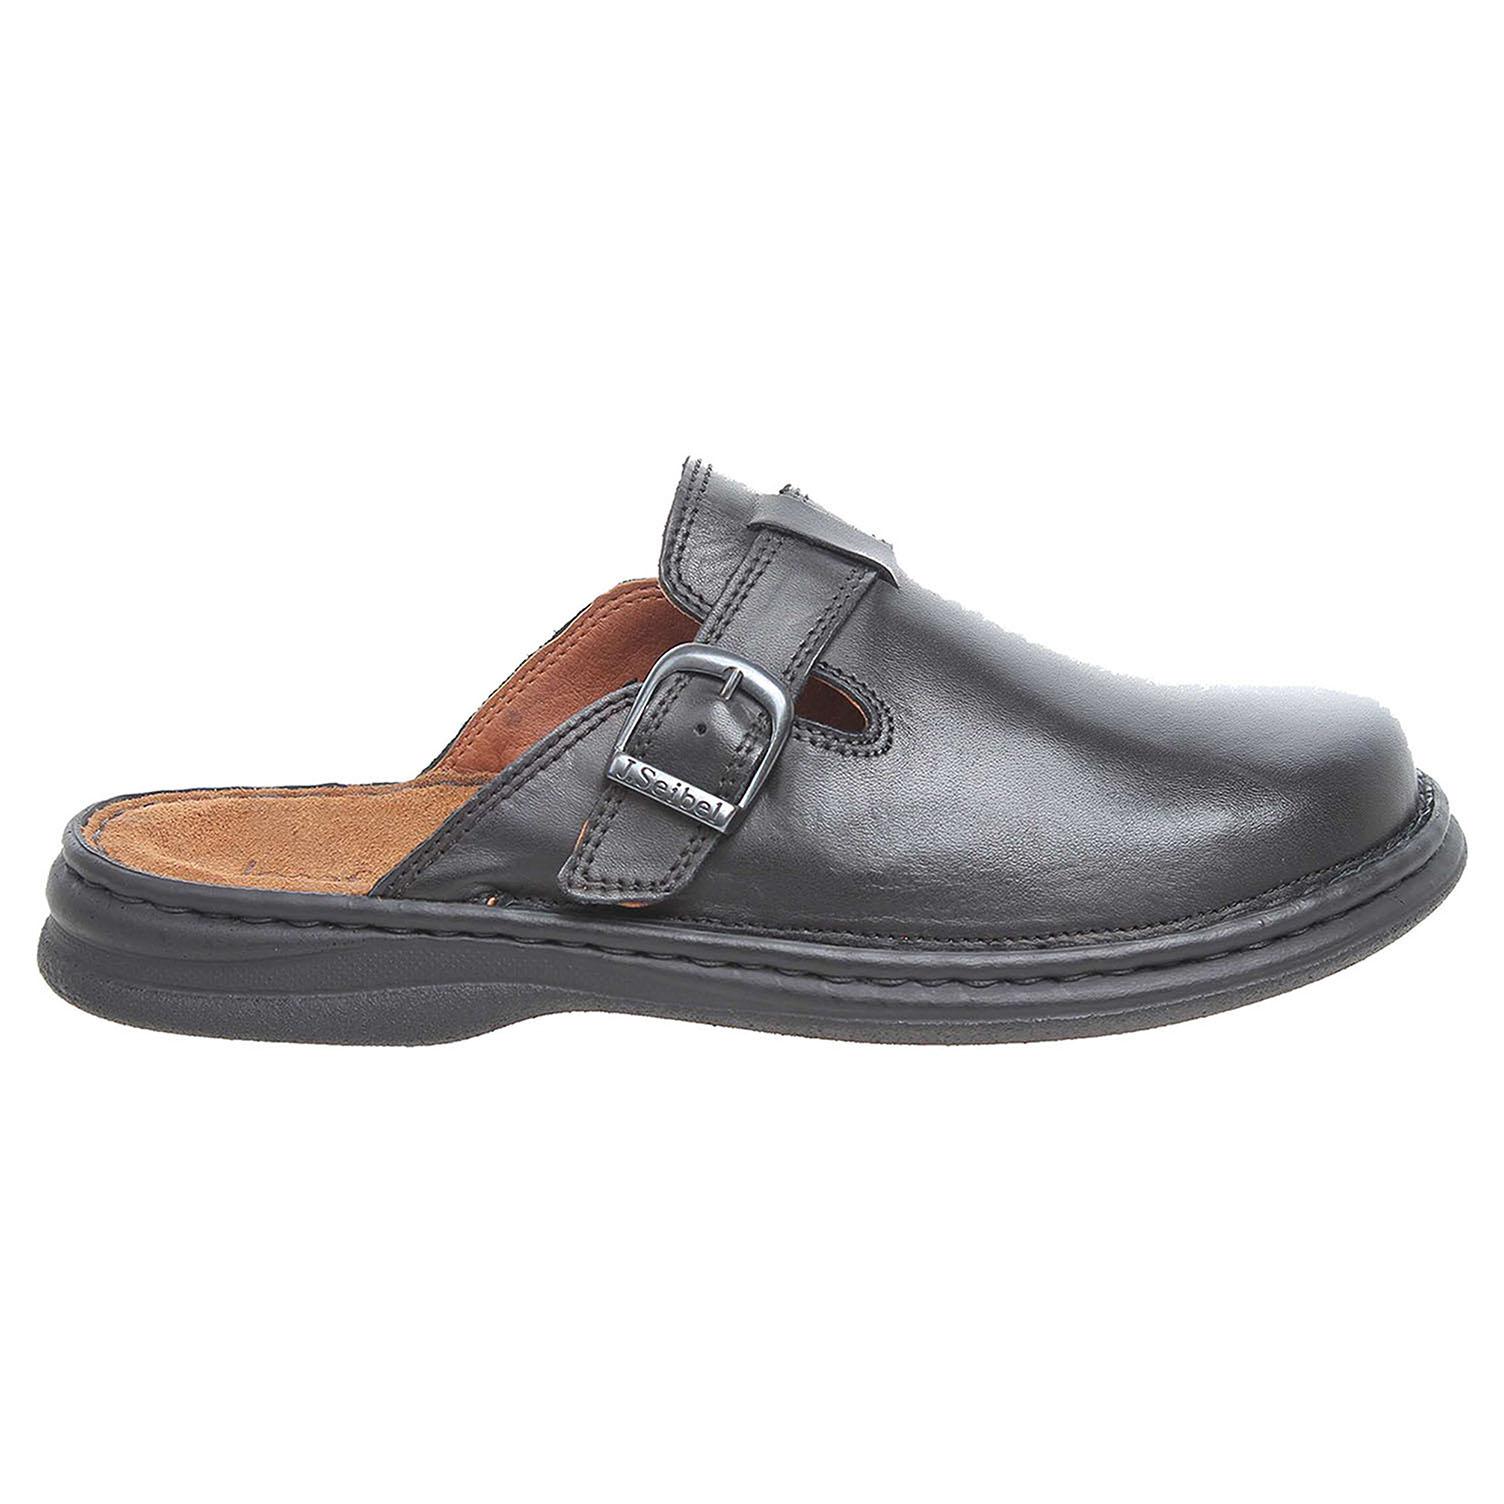 Josef Seibel pánské pantofle 10122 37600 černé 10122 37600 45